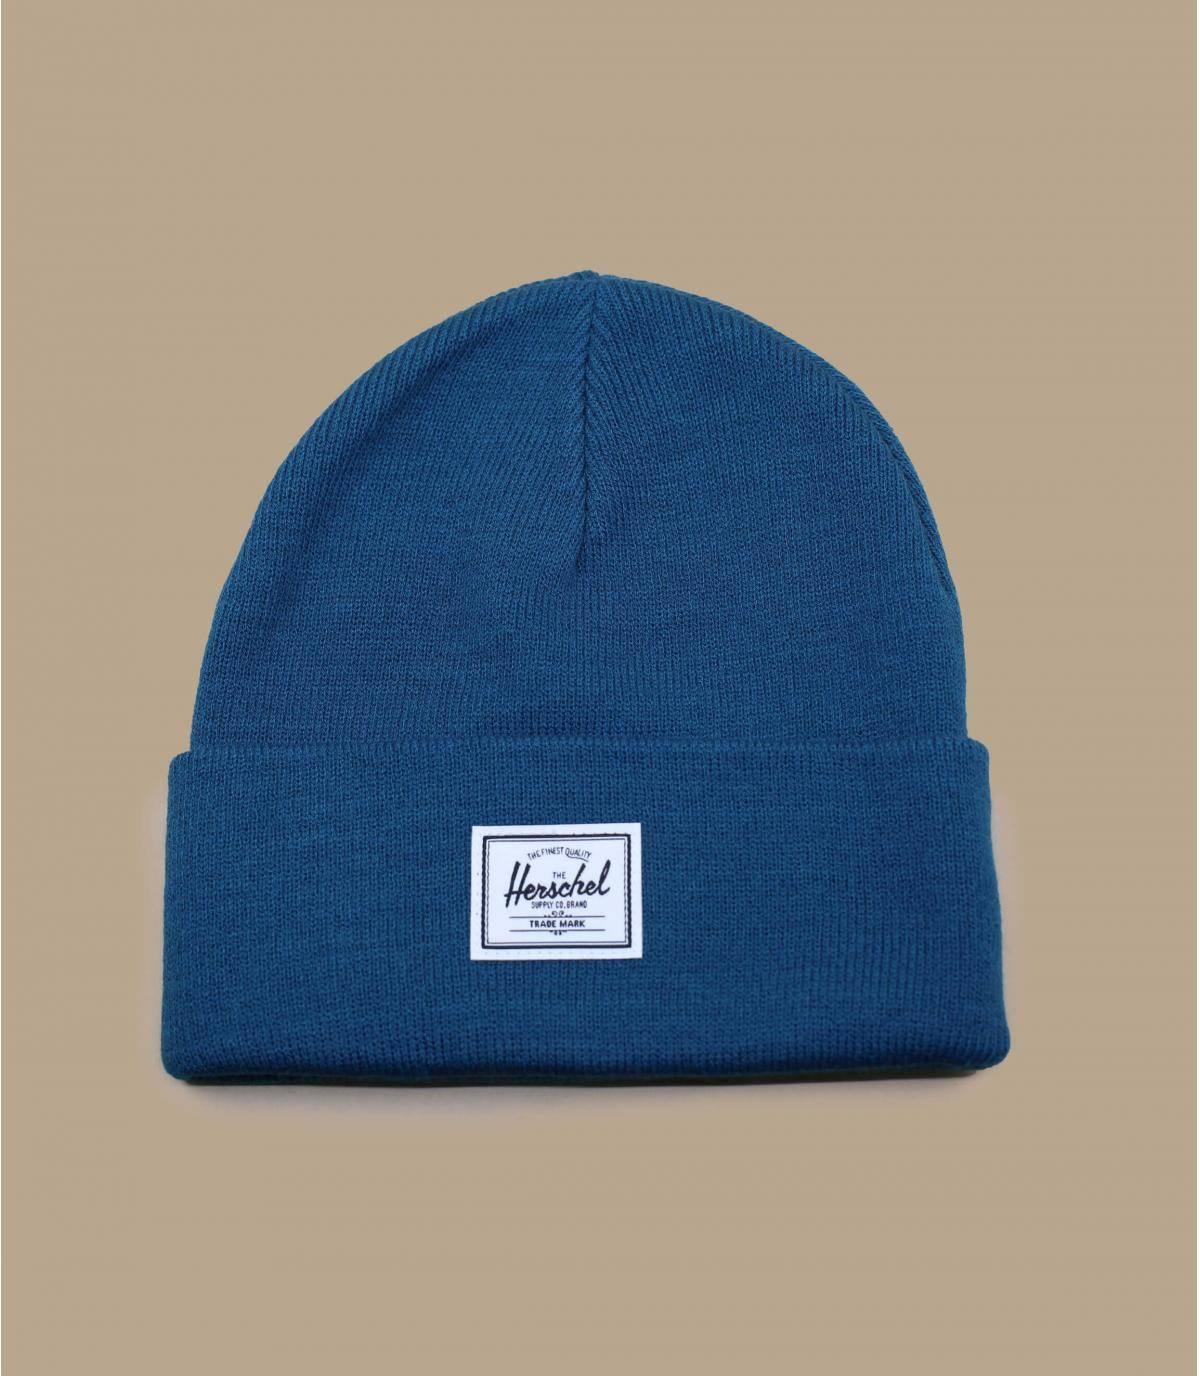 bonnet bleu Herschel